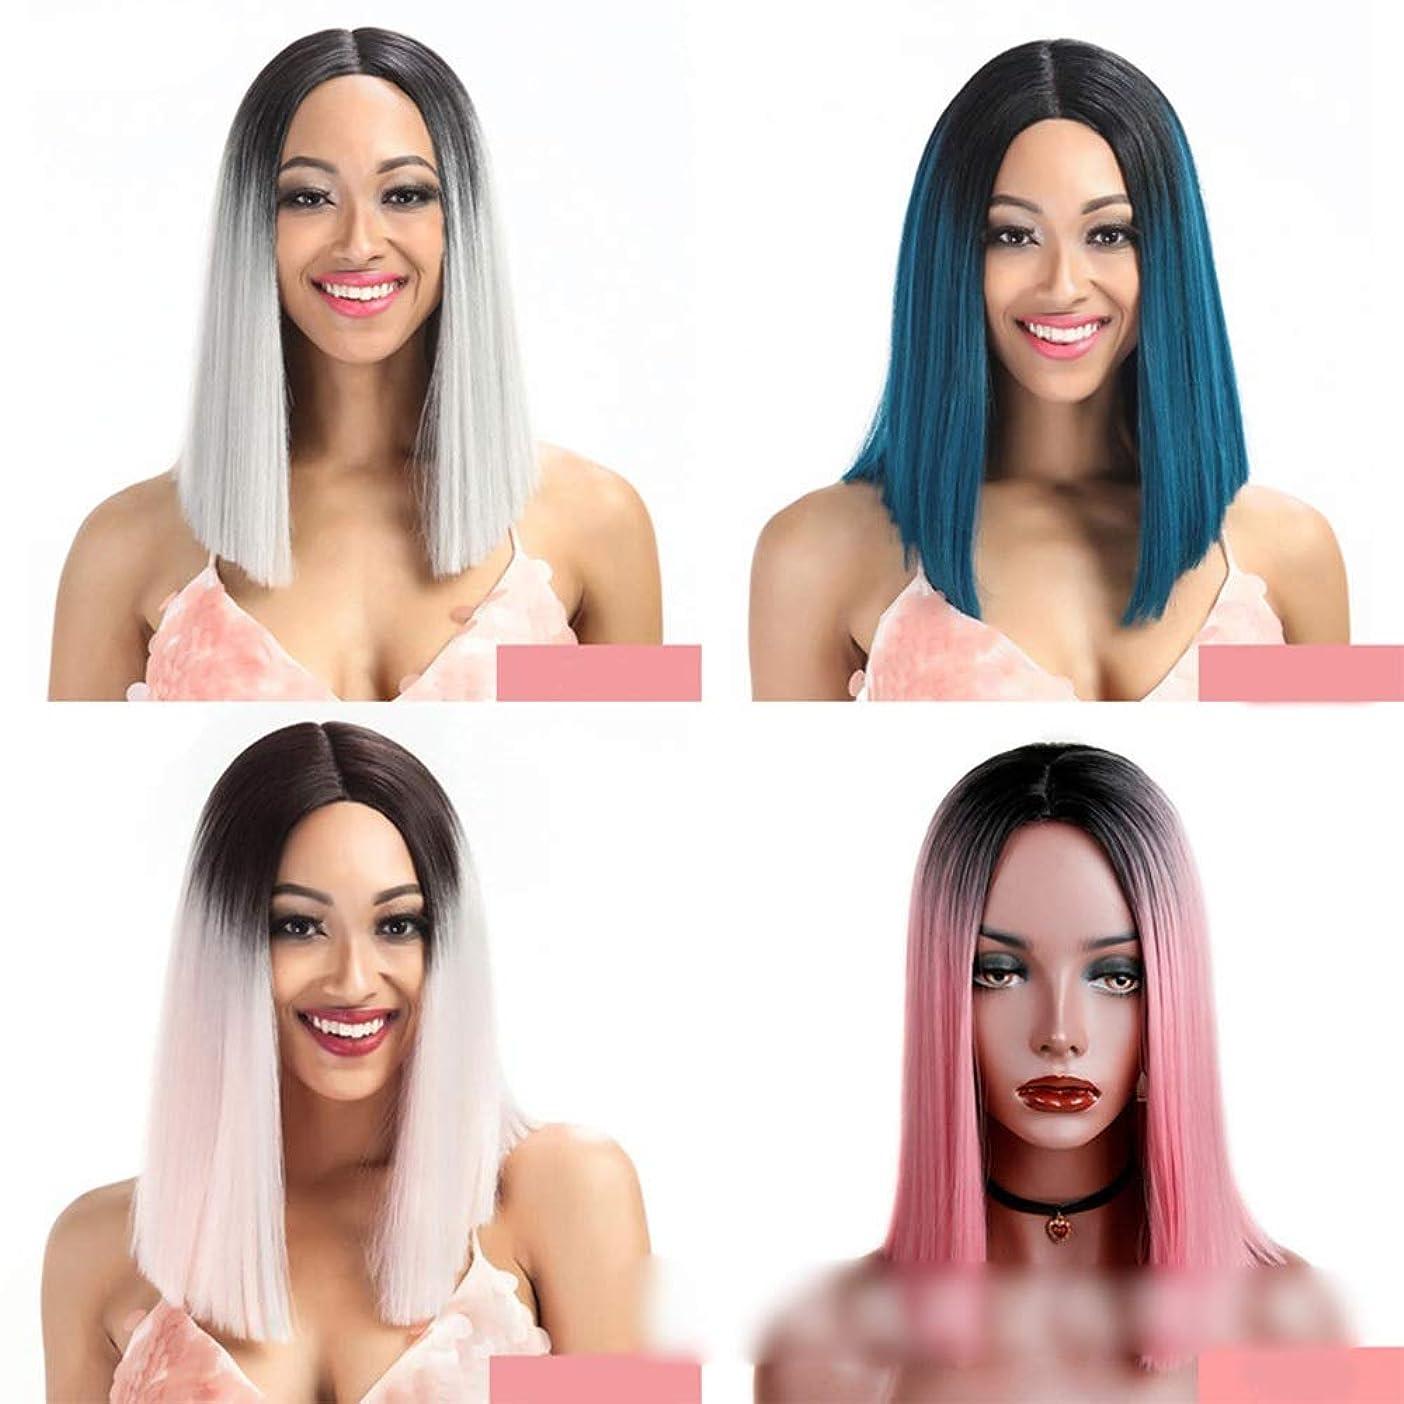 習熟度合理化補体YESONEEP ピンクのショートボブウィッグストレートショルダーレングスの毛14インチ160グラム女性のための人工毛ウィッグ (Color : ブルー)